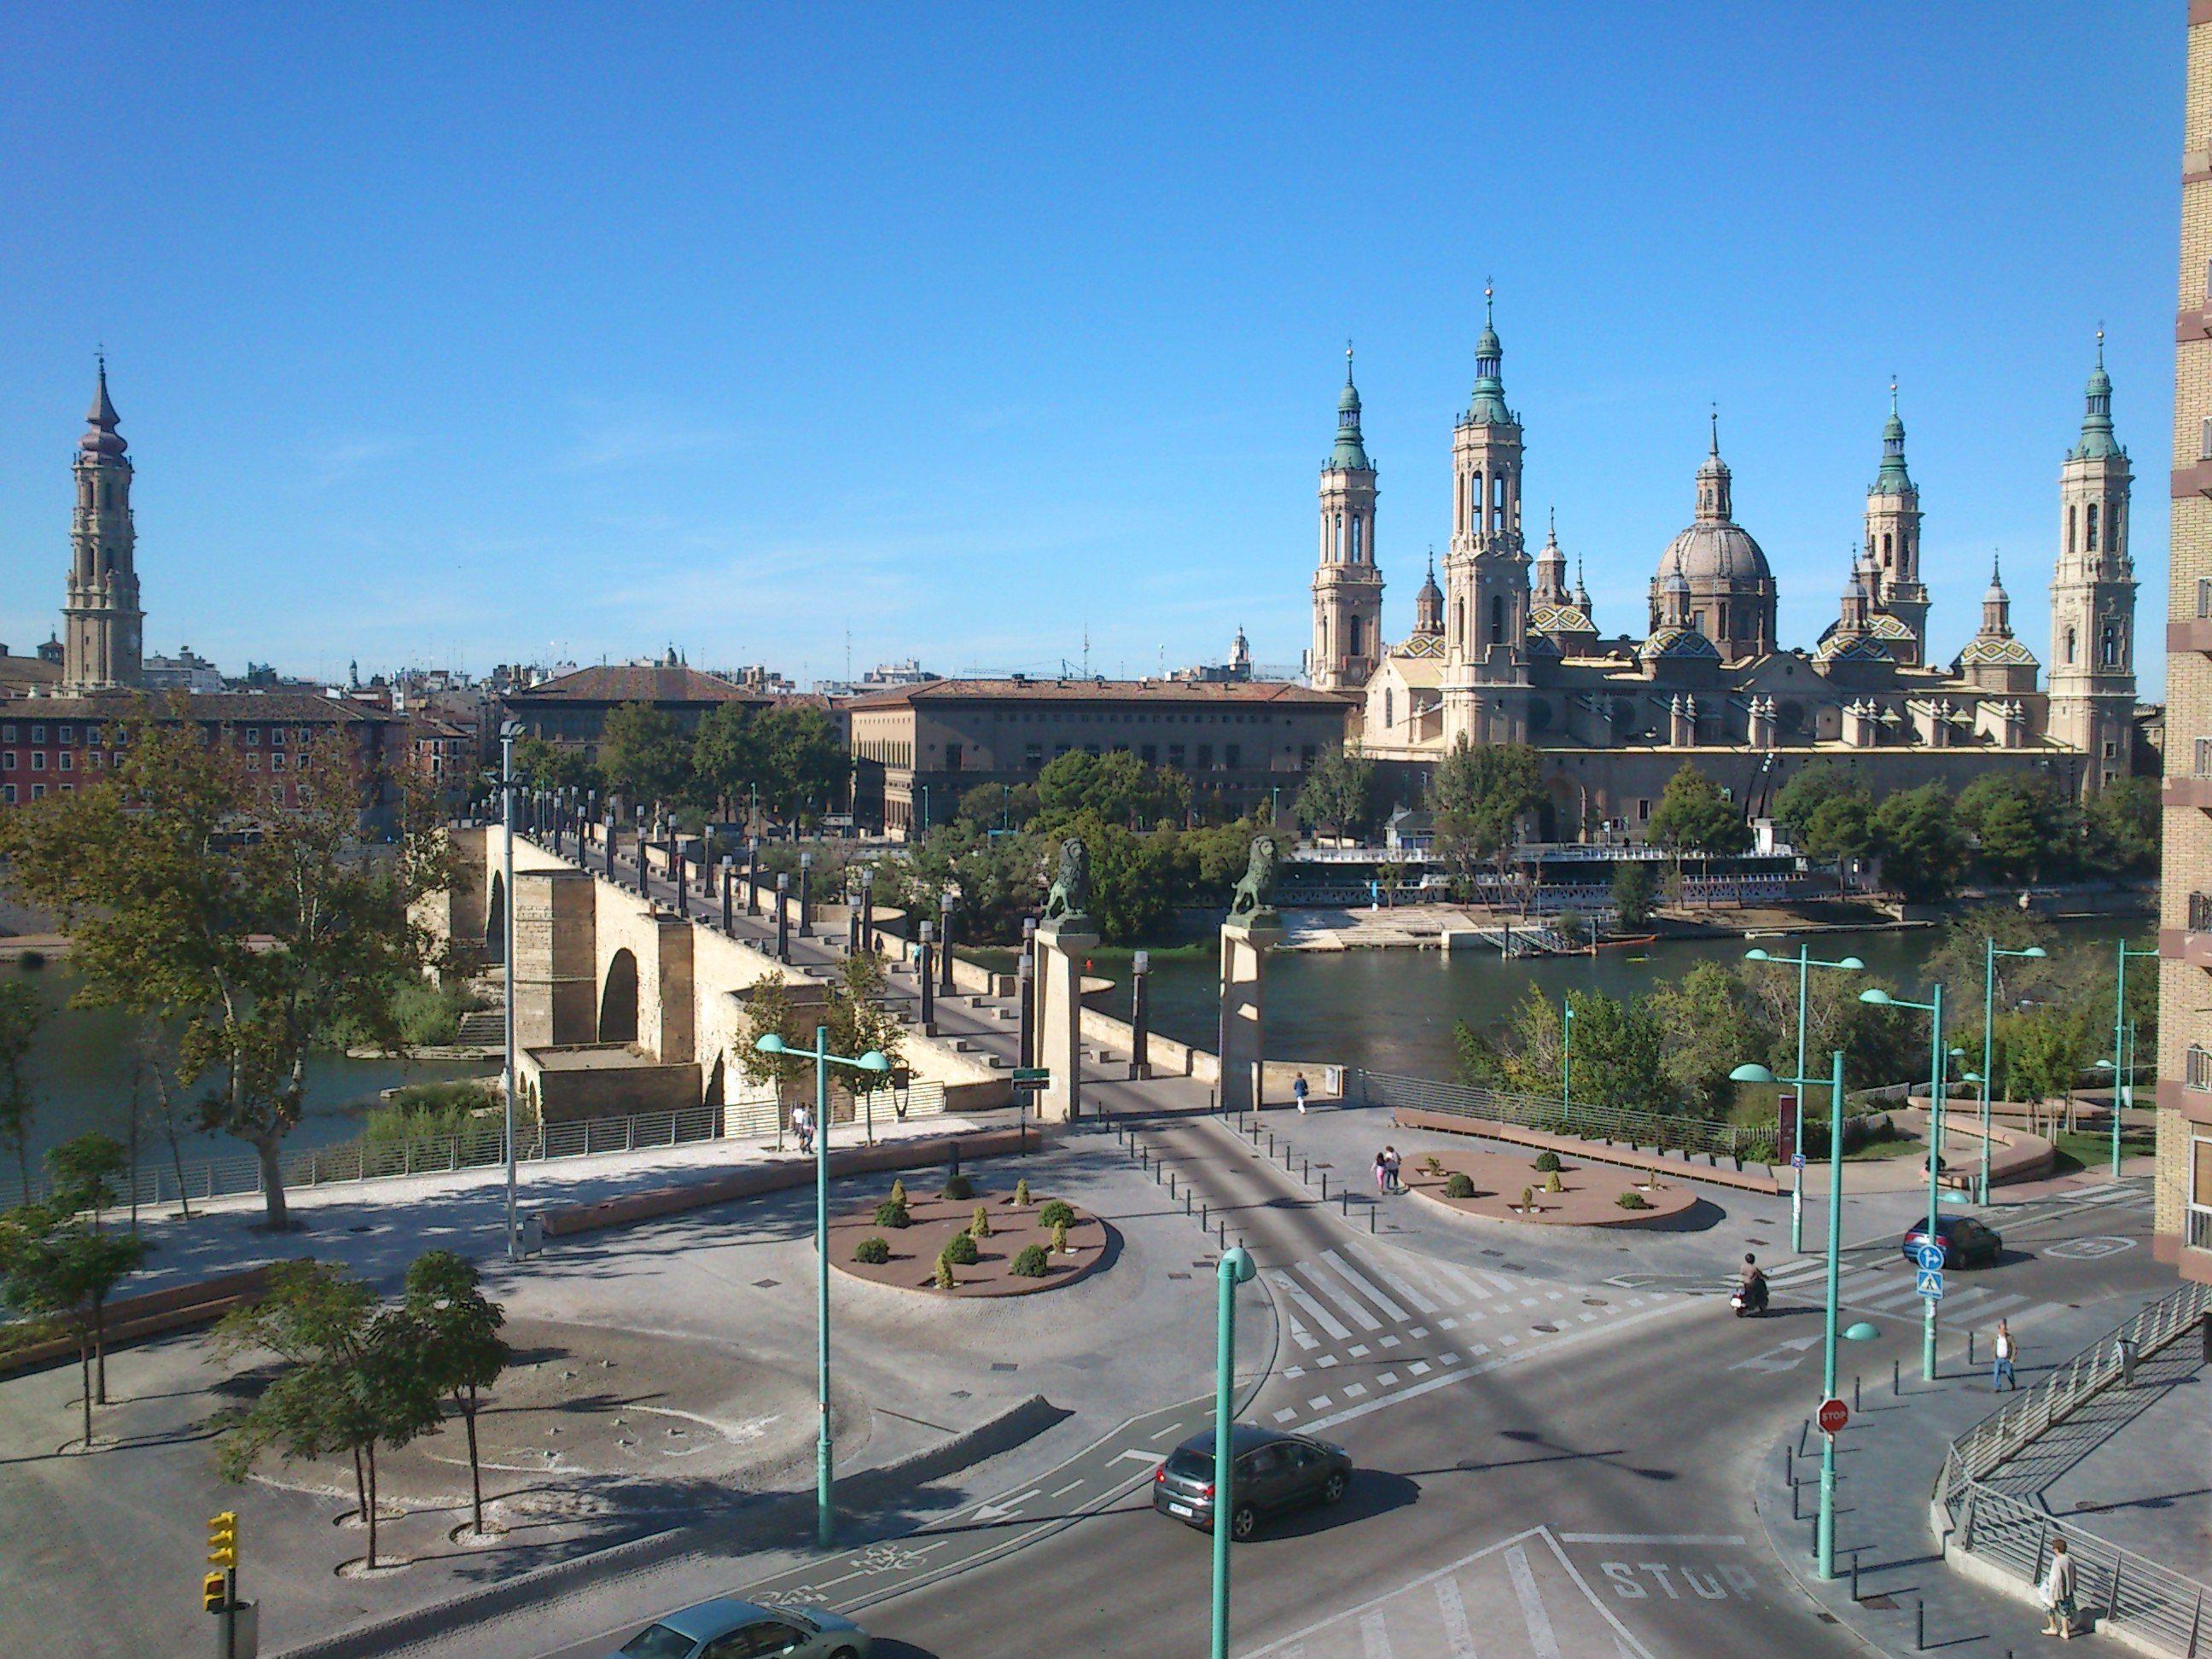 ¿Cuál de estos organismos/centros no tiene sede en Zaragoza?